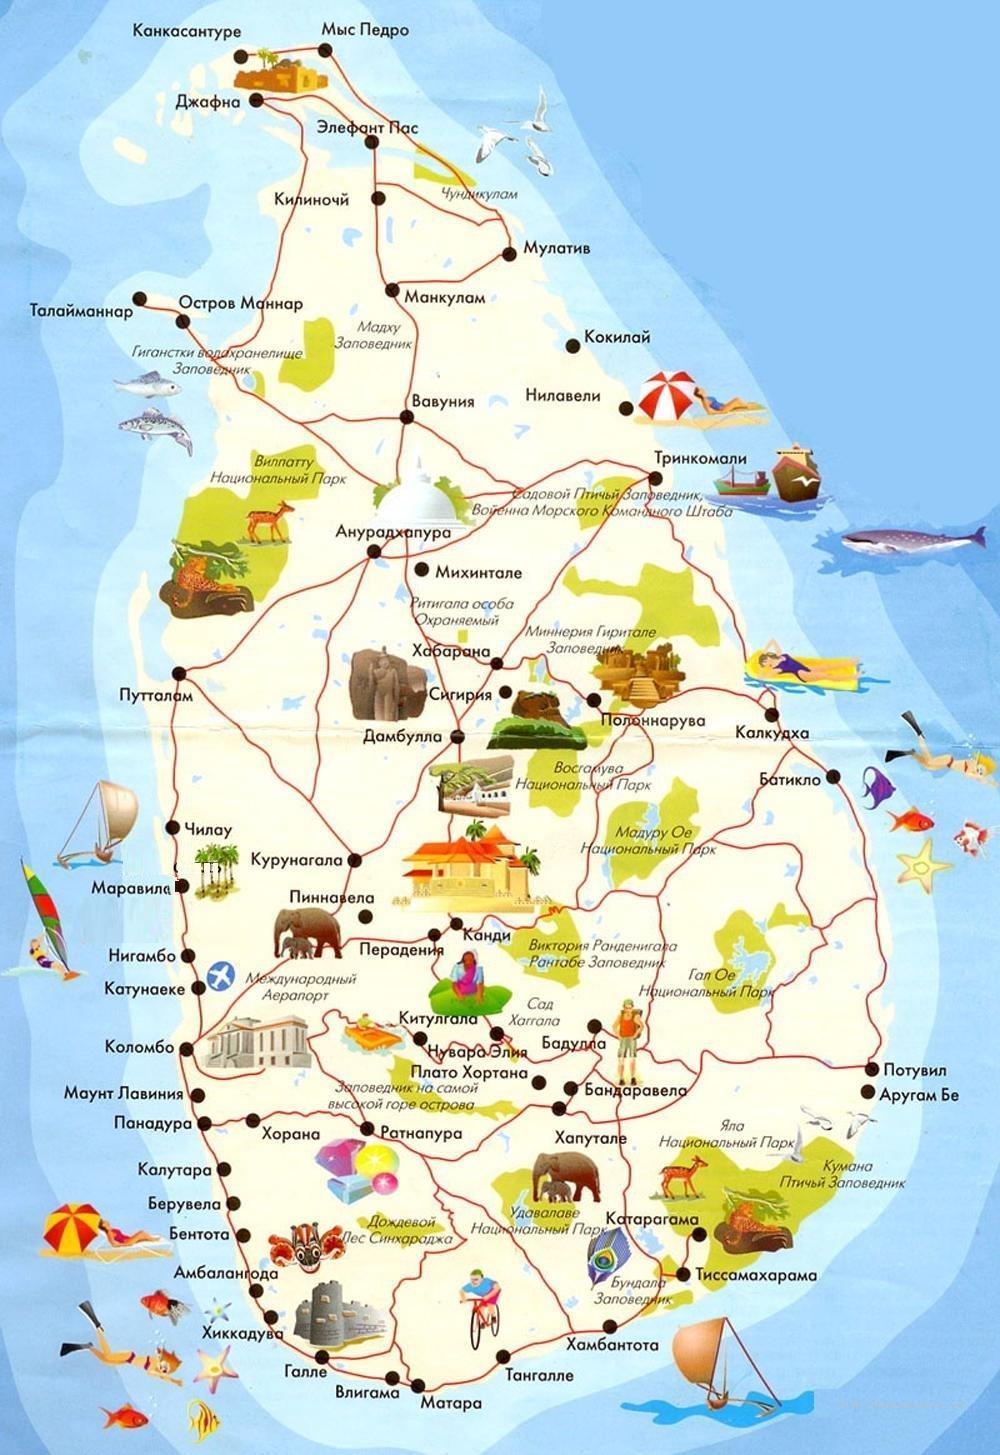 Шри-Ланка самостоятельно. Туристическая карта Шри-Ланки для составления маршрута